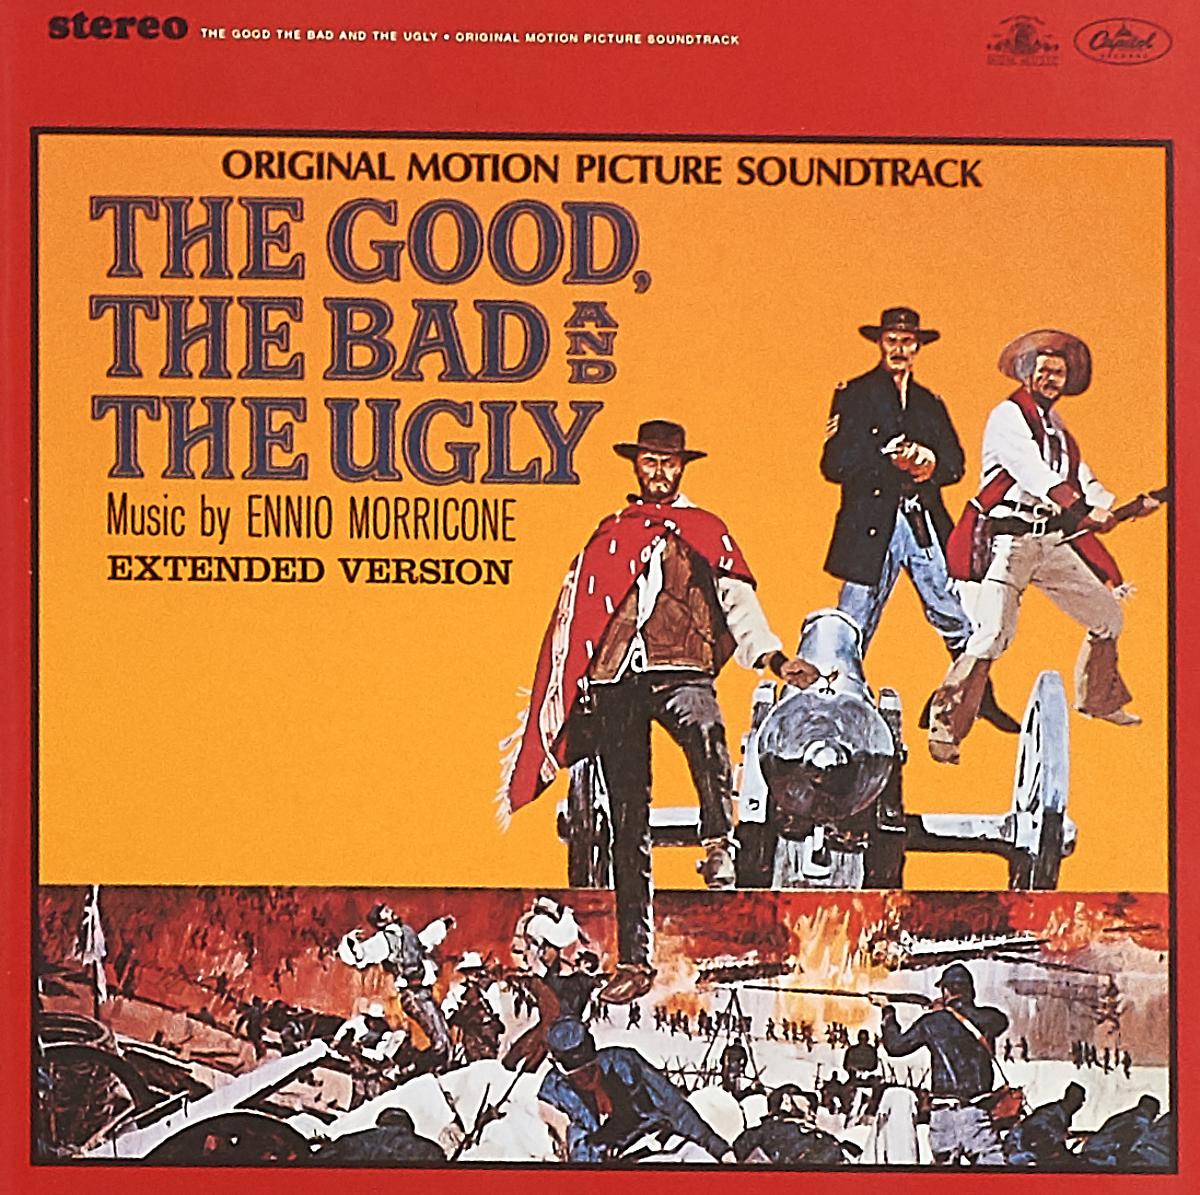 Эннио Морриконе Morricone Ennio. The Good, The Bad And The Ugly эннио морриконе ennio morricone the very best of ennio morricone